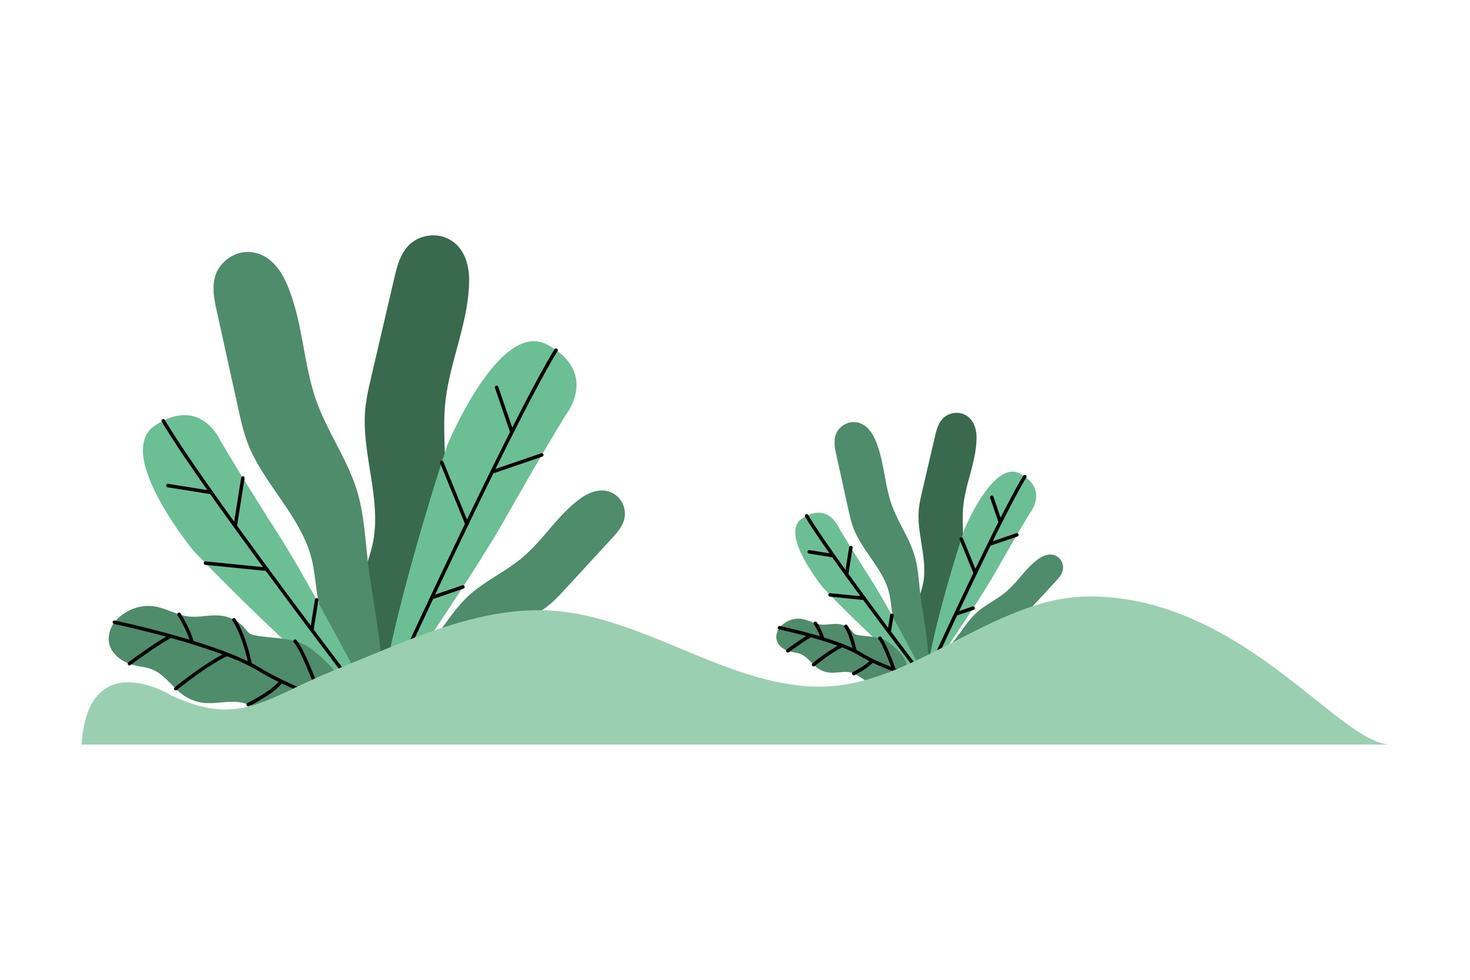 isolierte grüne Blätter Symbol Vektor-Design vektor